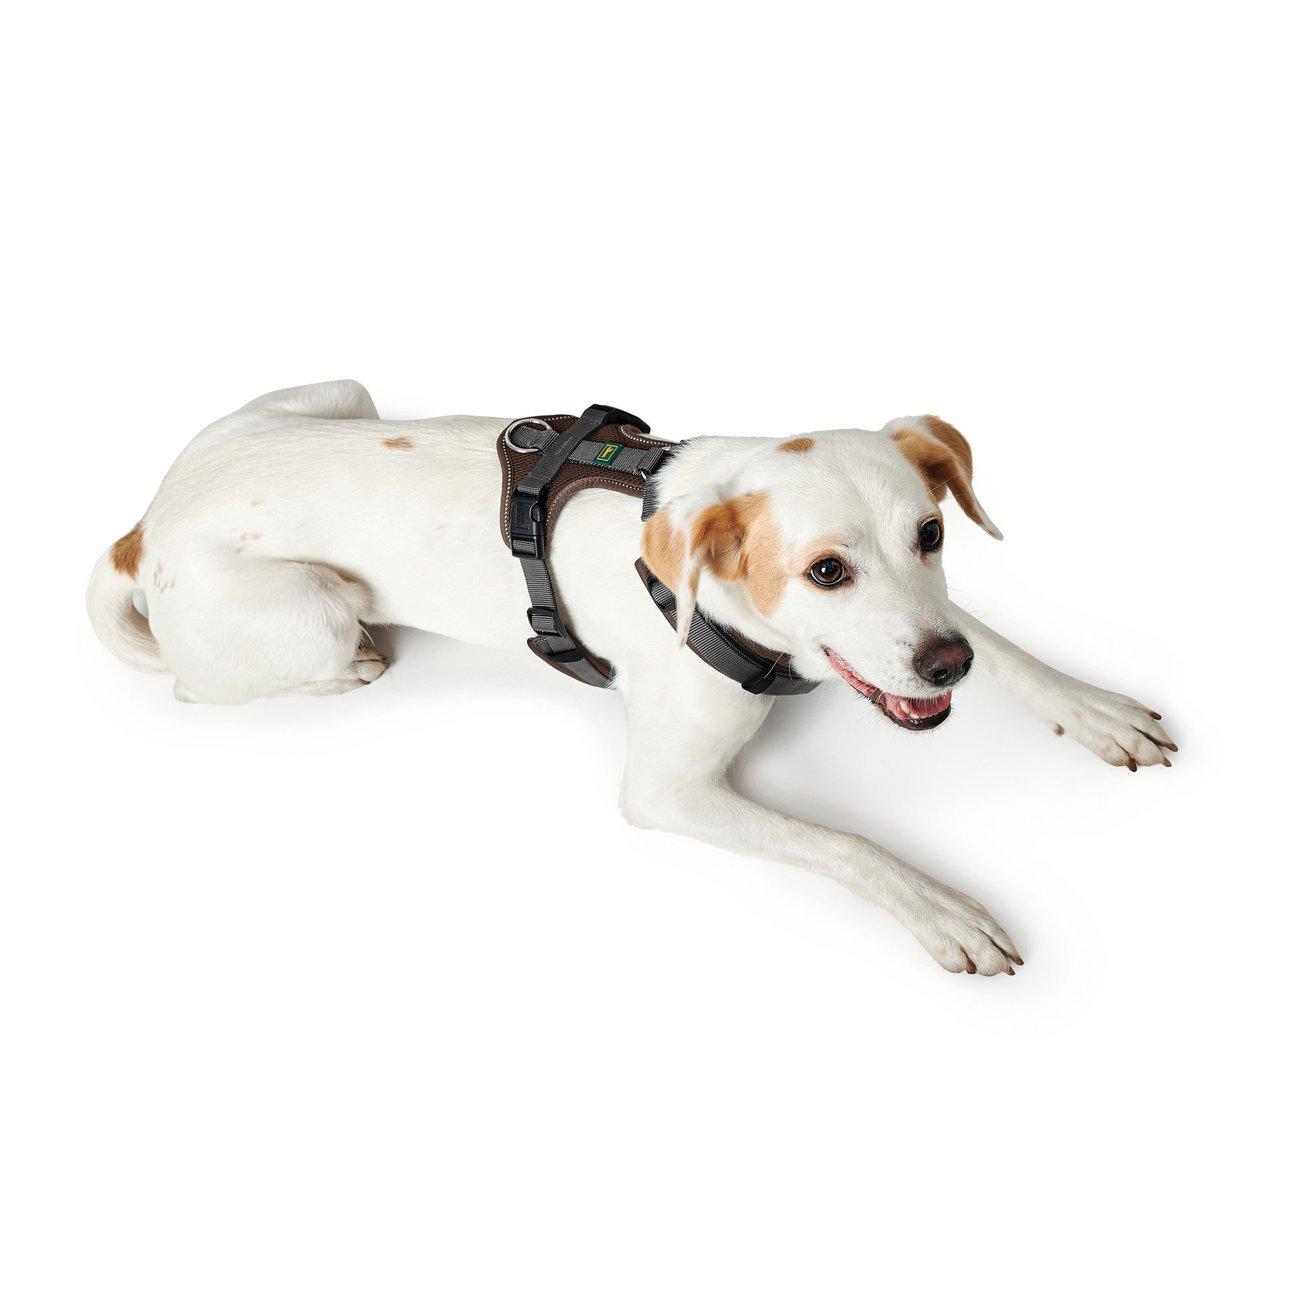 Hunter Hundegeschirr Maldon gepolstert 67509, Bild 12